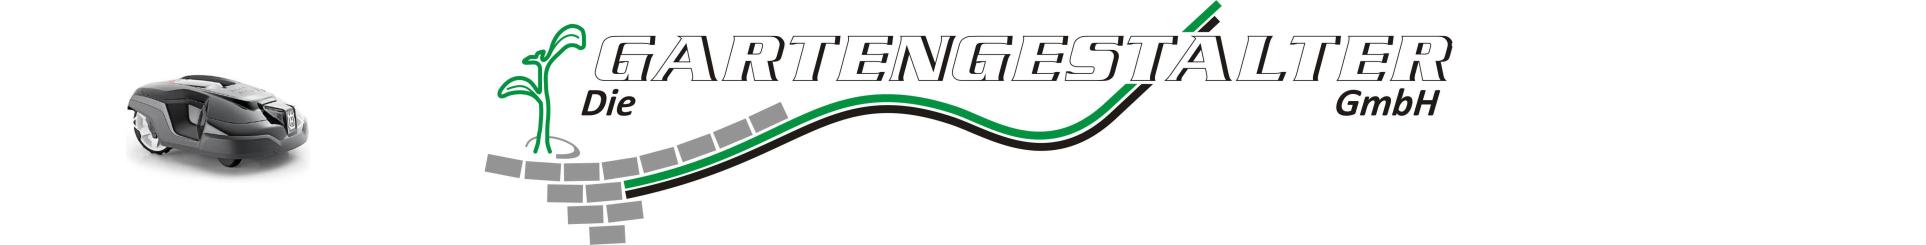 Logo die Gartengestalter GmbH mit Rasenmäher